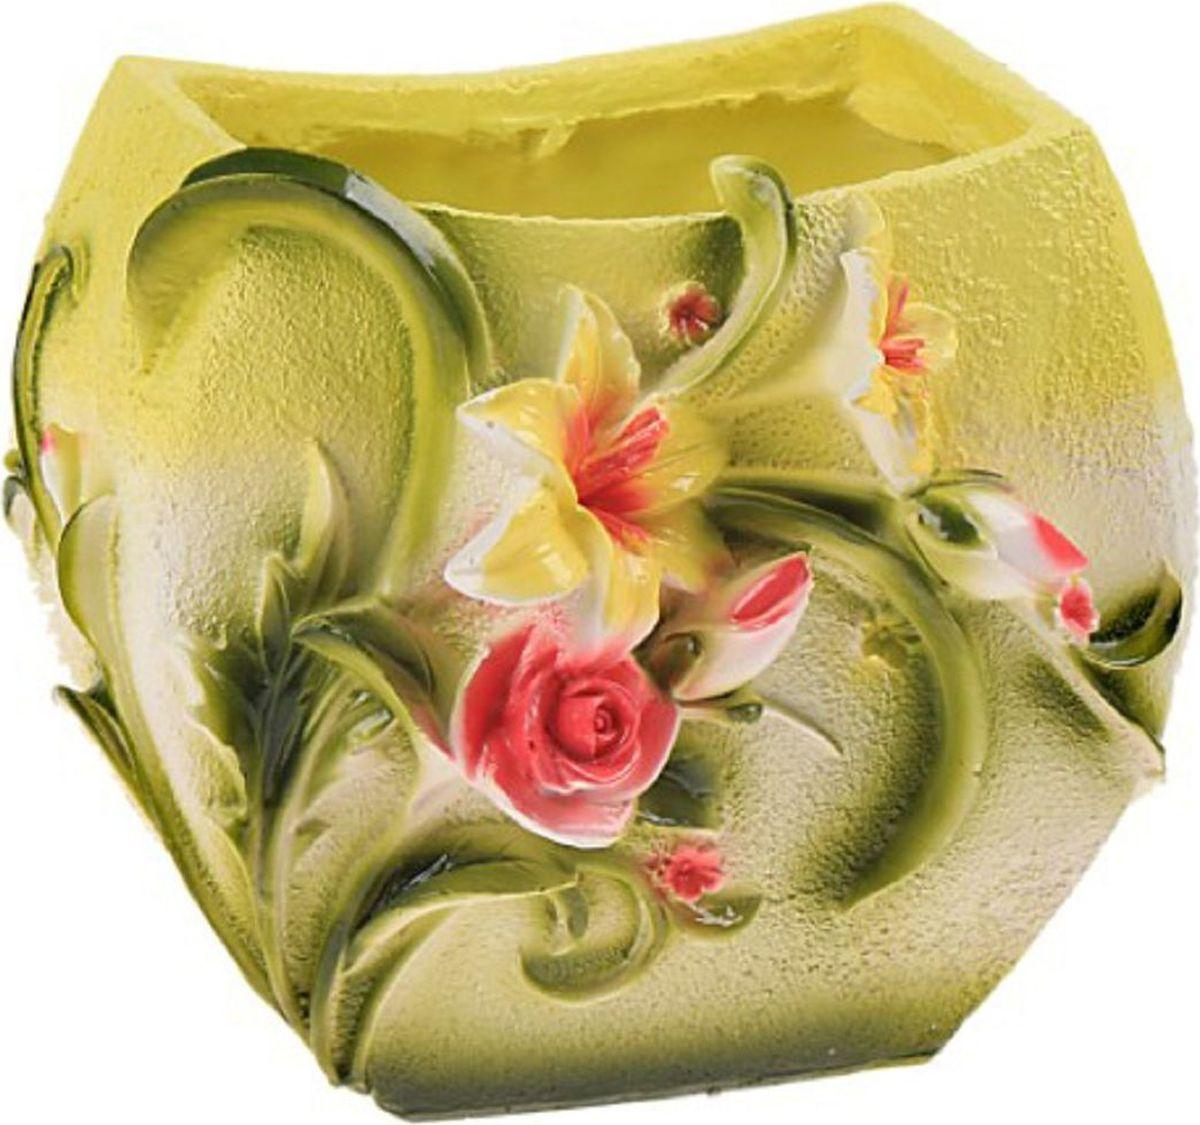 Кашпо Цветы, 17 х 18 х 15 см493139Комнатные растения — всеобщие любимцы. Они радуют глаз, насыщают помещение кислородом и украшают пространство. Каждому из растений необходим свой удобный и красивый дом. Поселите зелёного питомца в яркое и оригинальное фигурное кашпо. Выберите подходящую форму для детской, спальни, гостиной, балкона, офиса или террасы. #name# позаботится о растении, украсит окружающее пространство и подчеркнёт его оригинальный стиль.